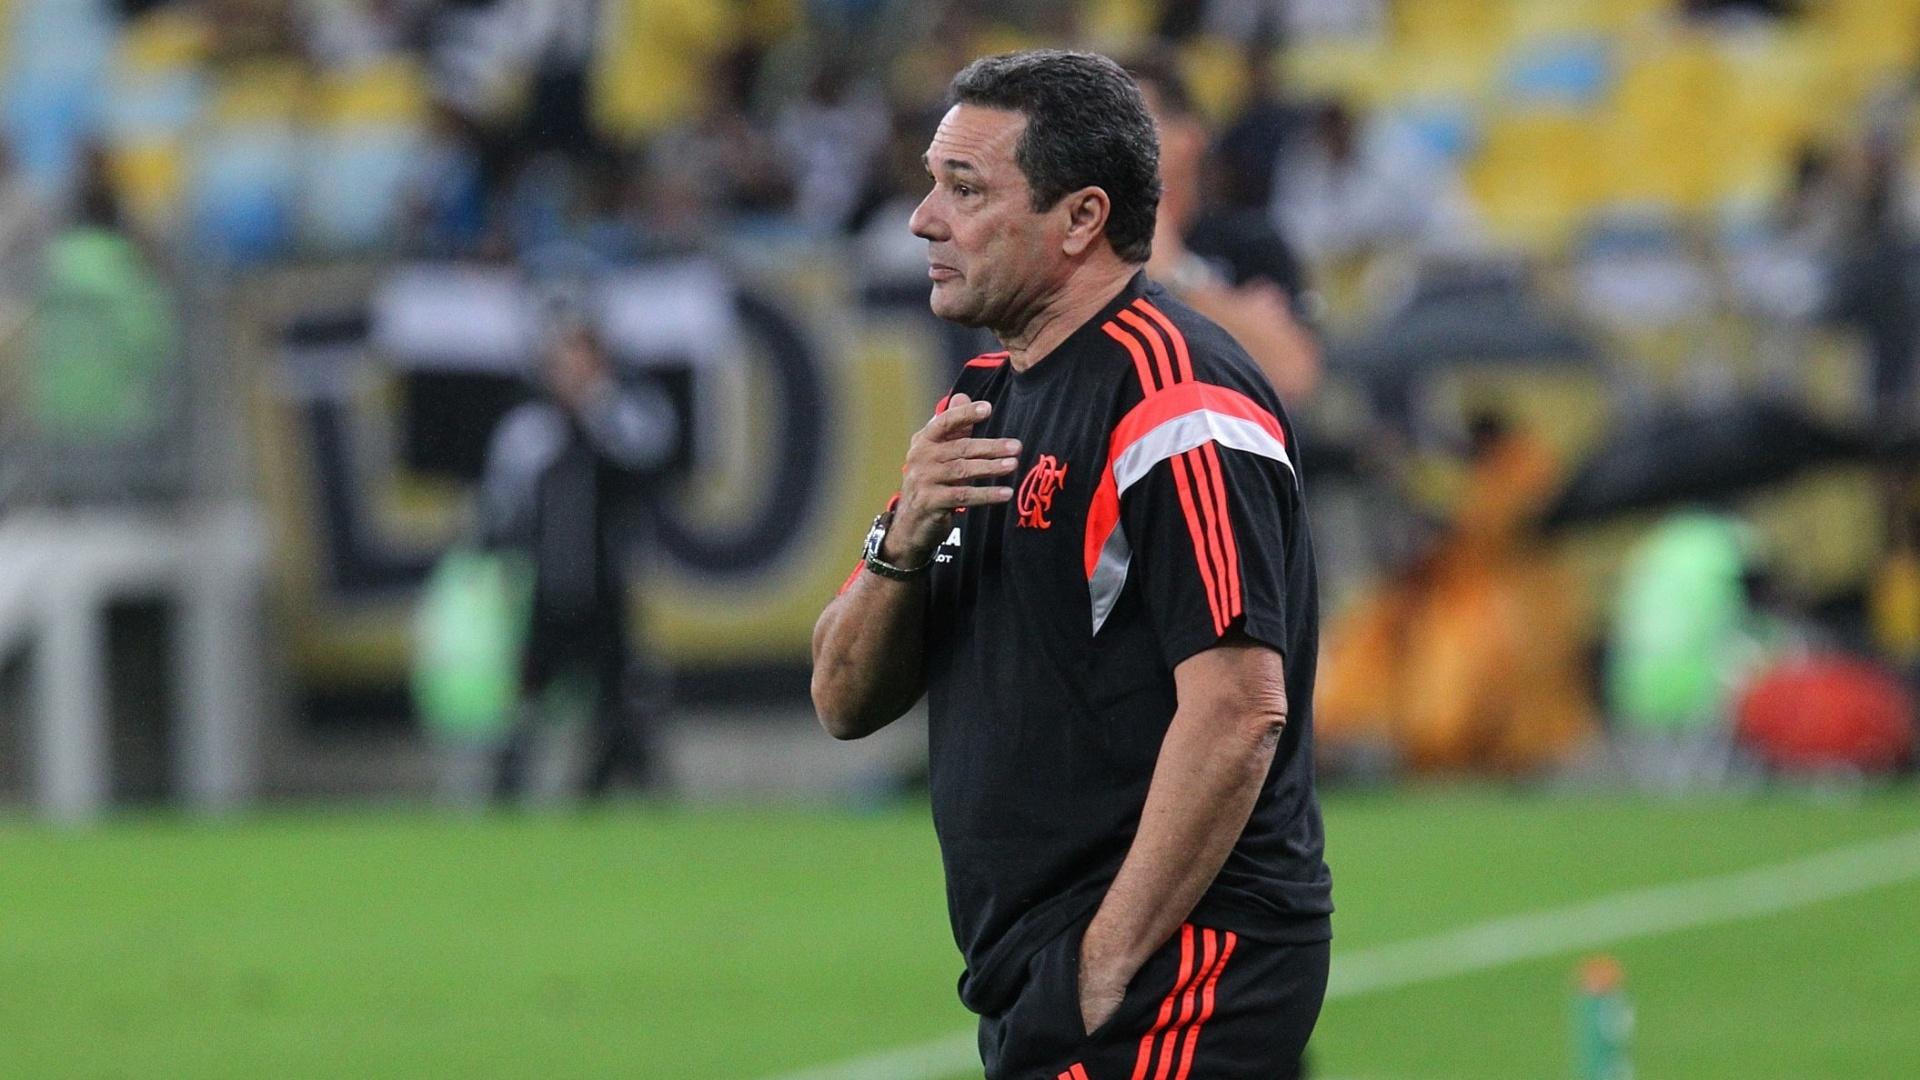 27.jul.2014 - Vanderlei Luxemburgo observa o time do Flamengo durante a vitória por 1 a 0 sobre o Botafogo